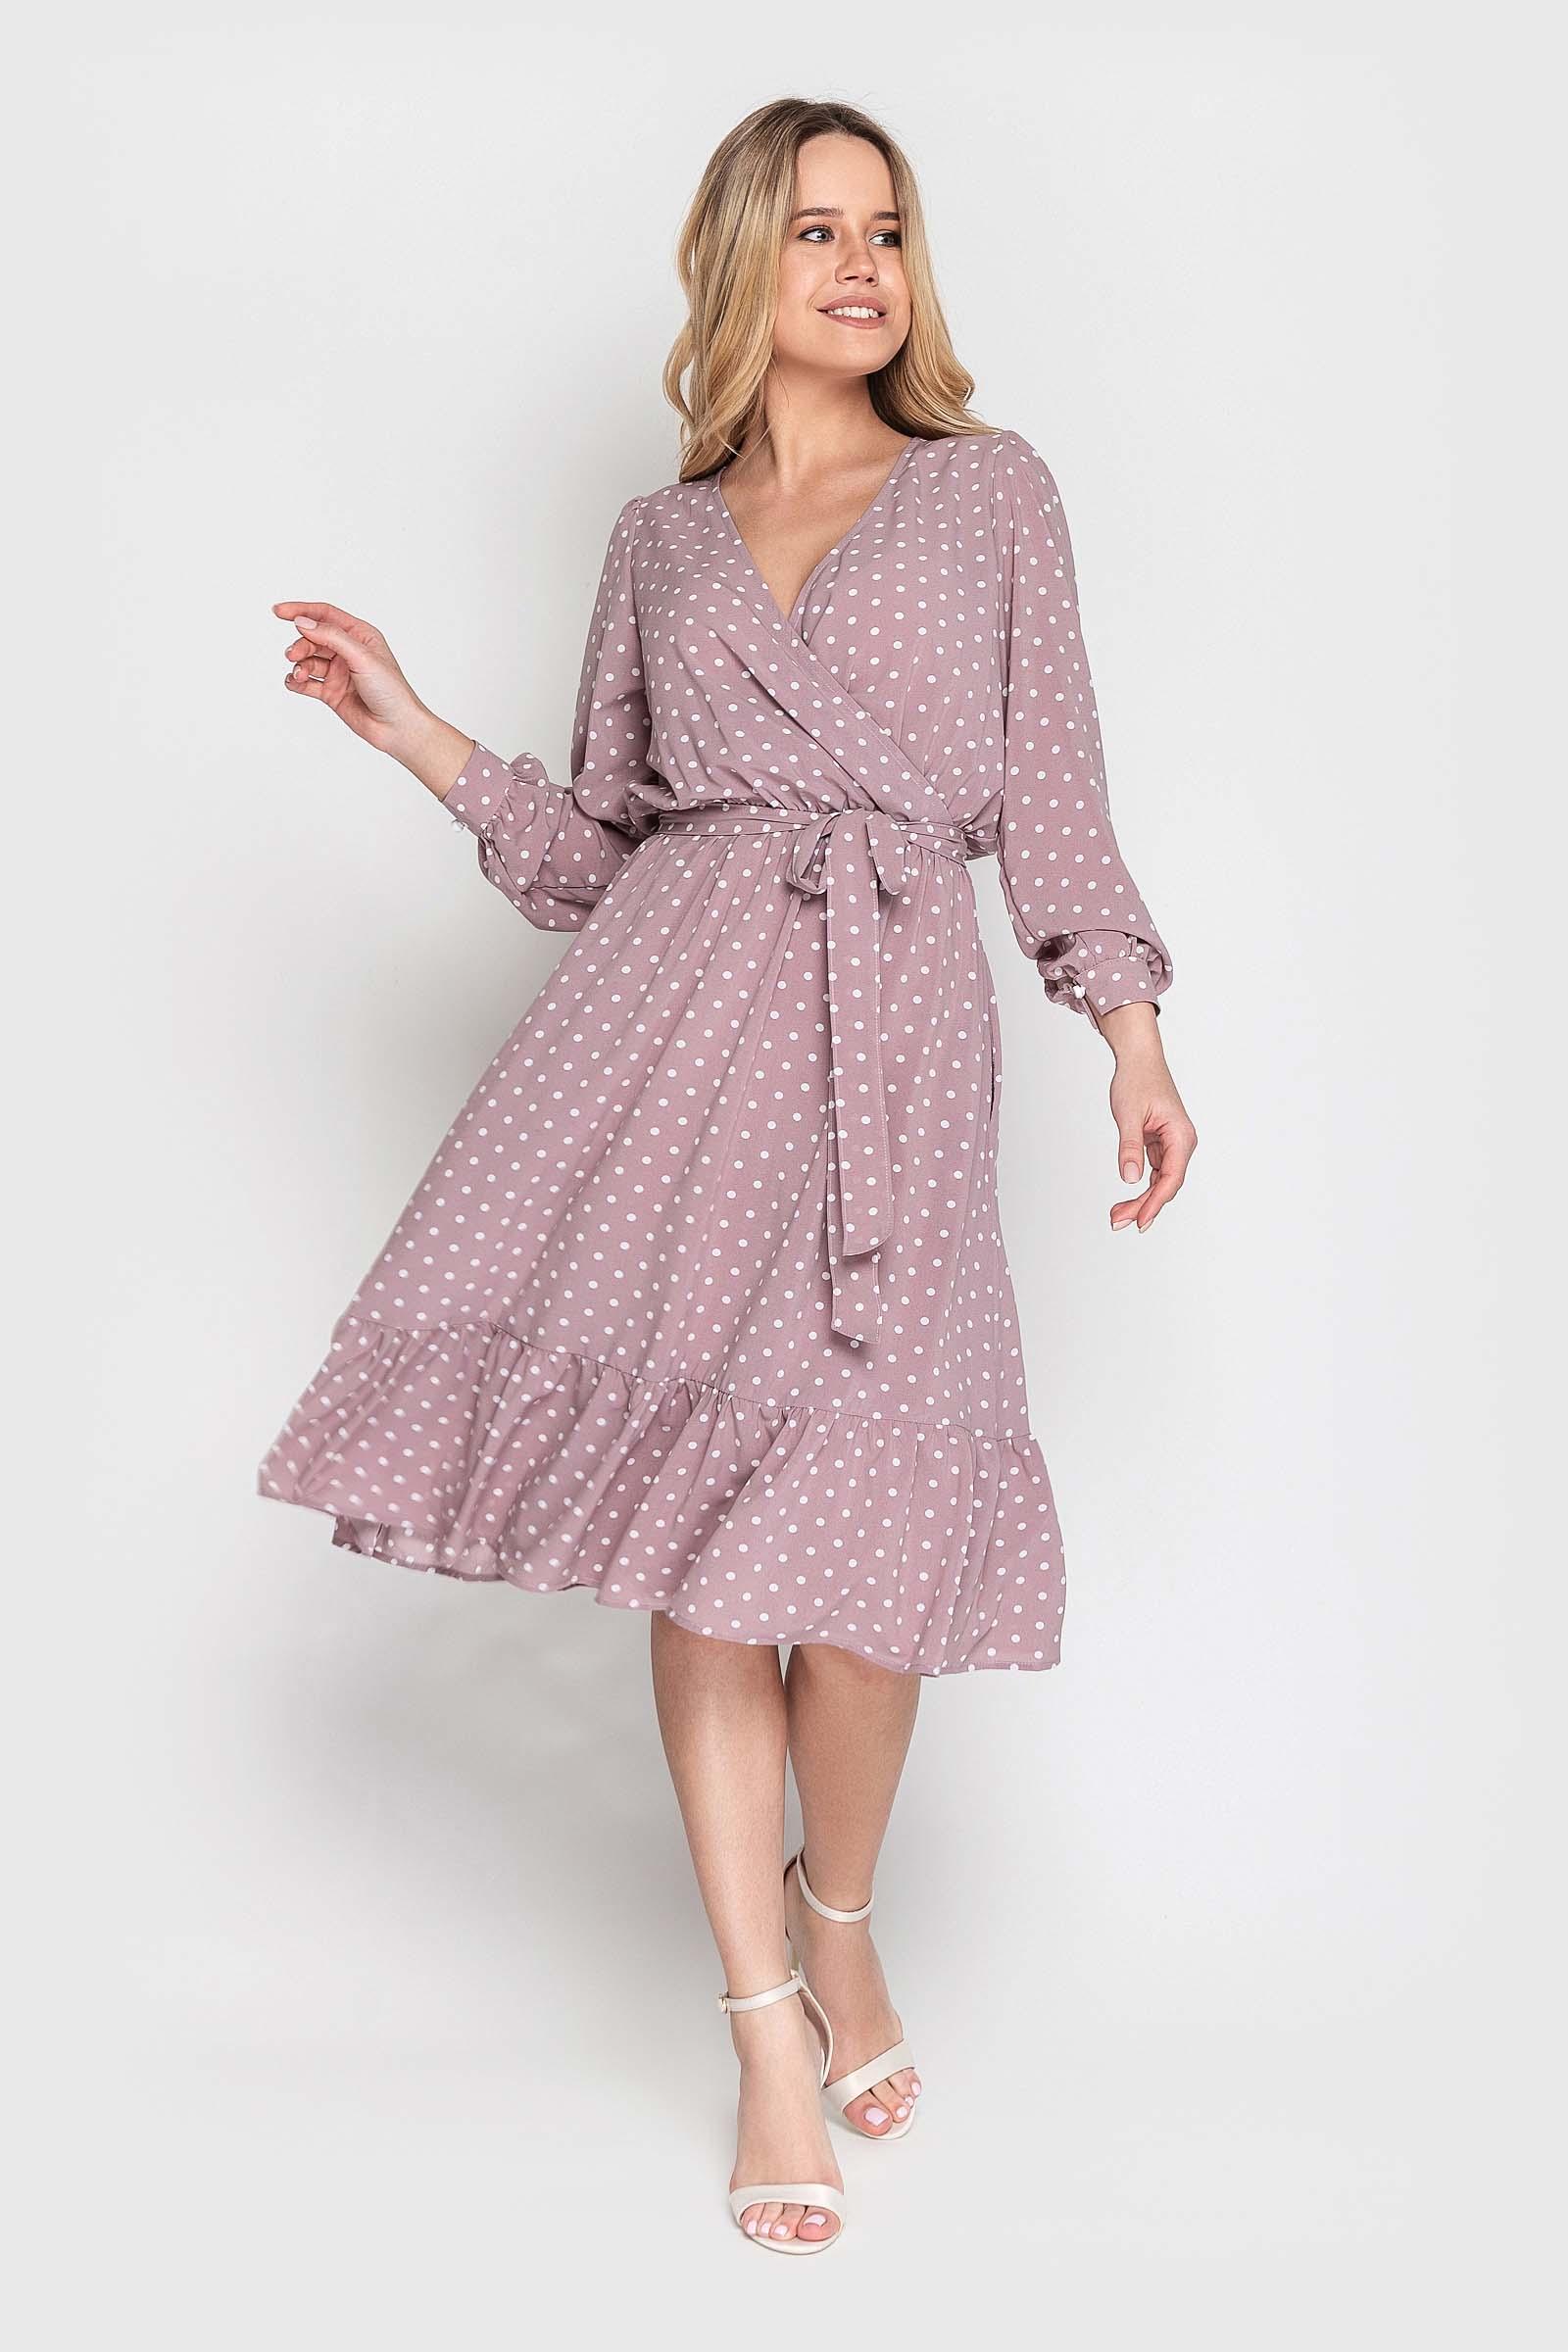 2021 04 10 poltava30205 Купить платье